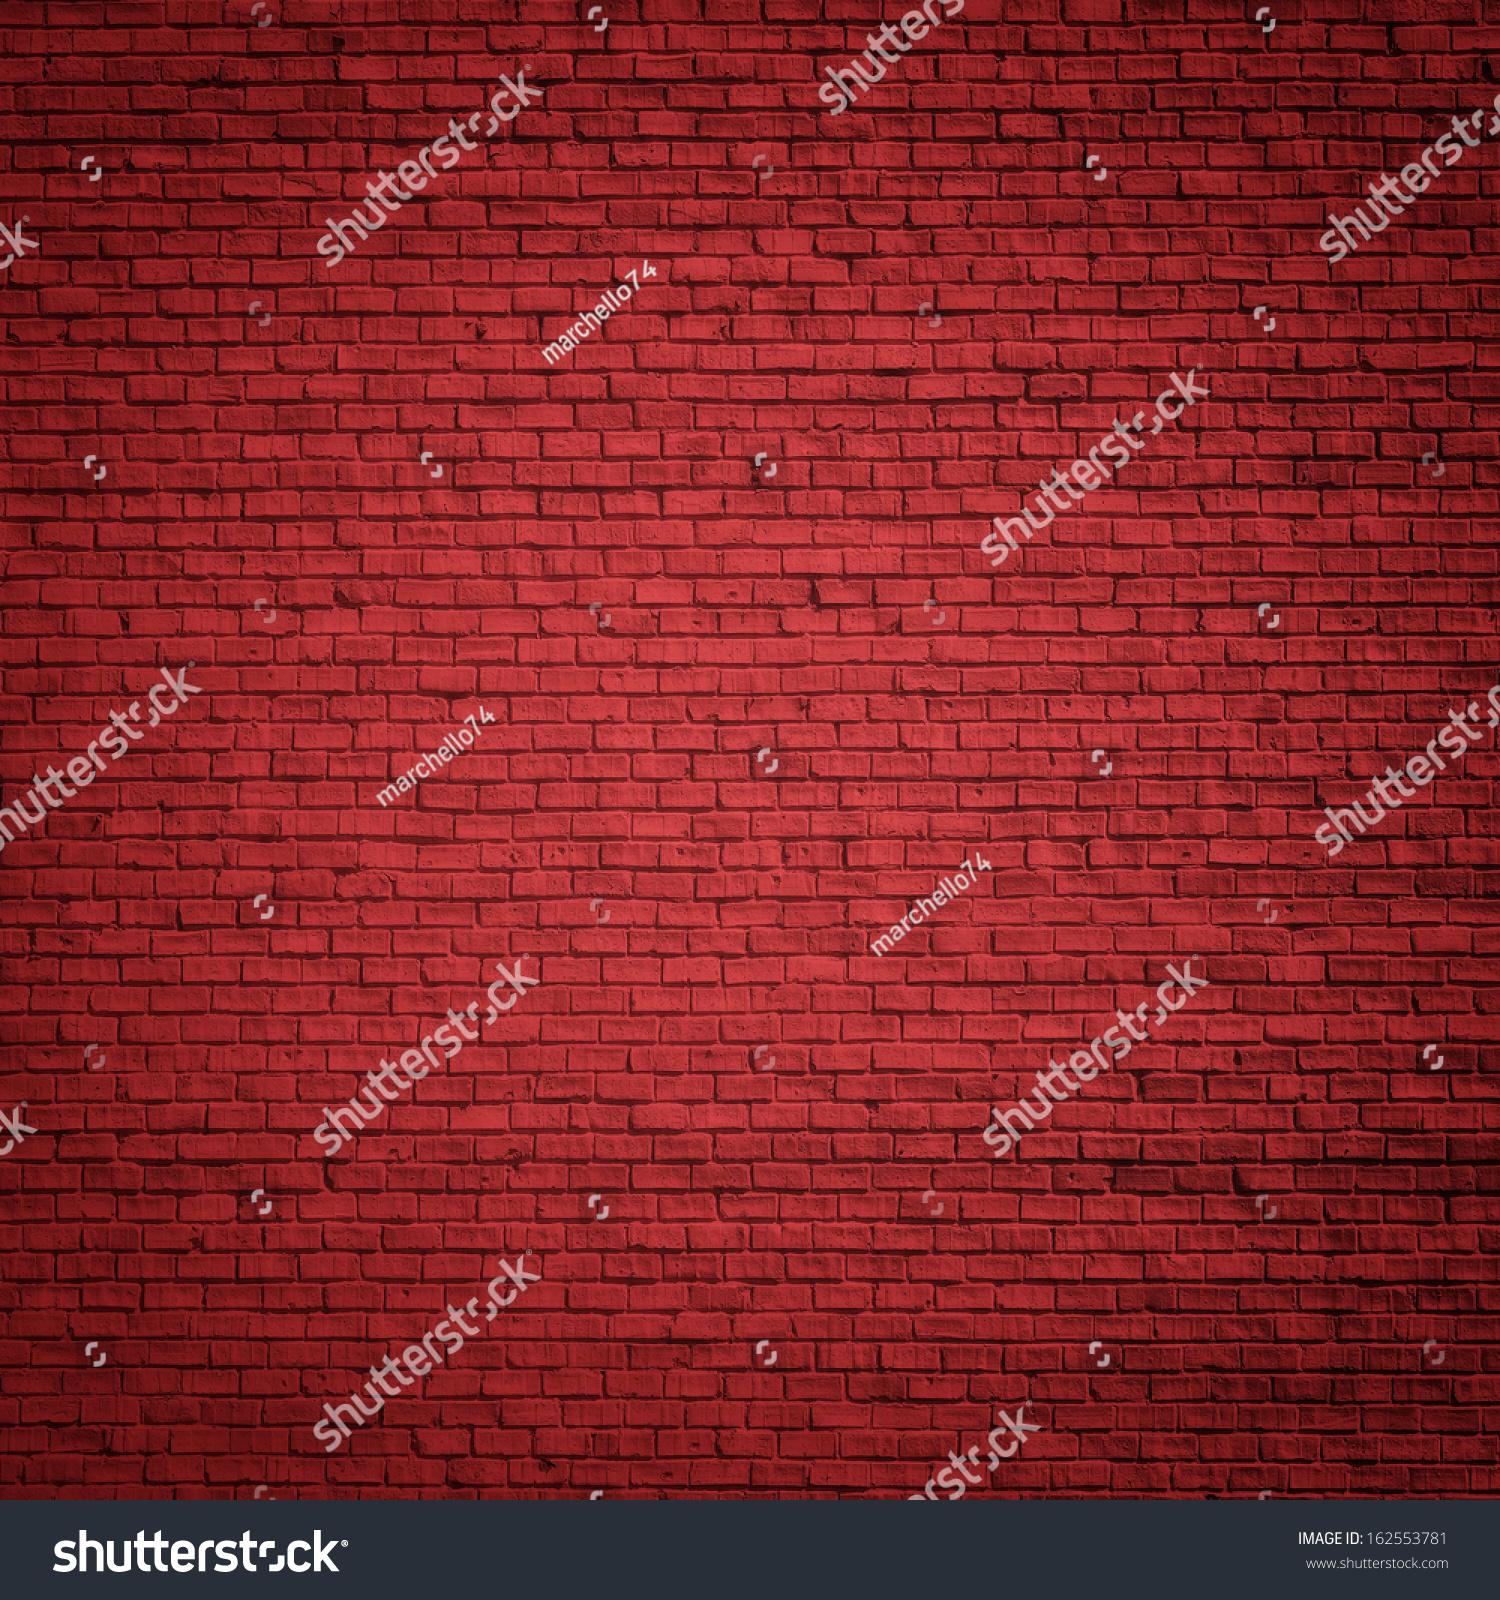 クリスマス背景にレンガの赤い壁 のイラスト素材 162553781